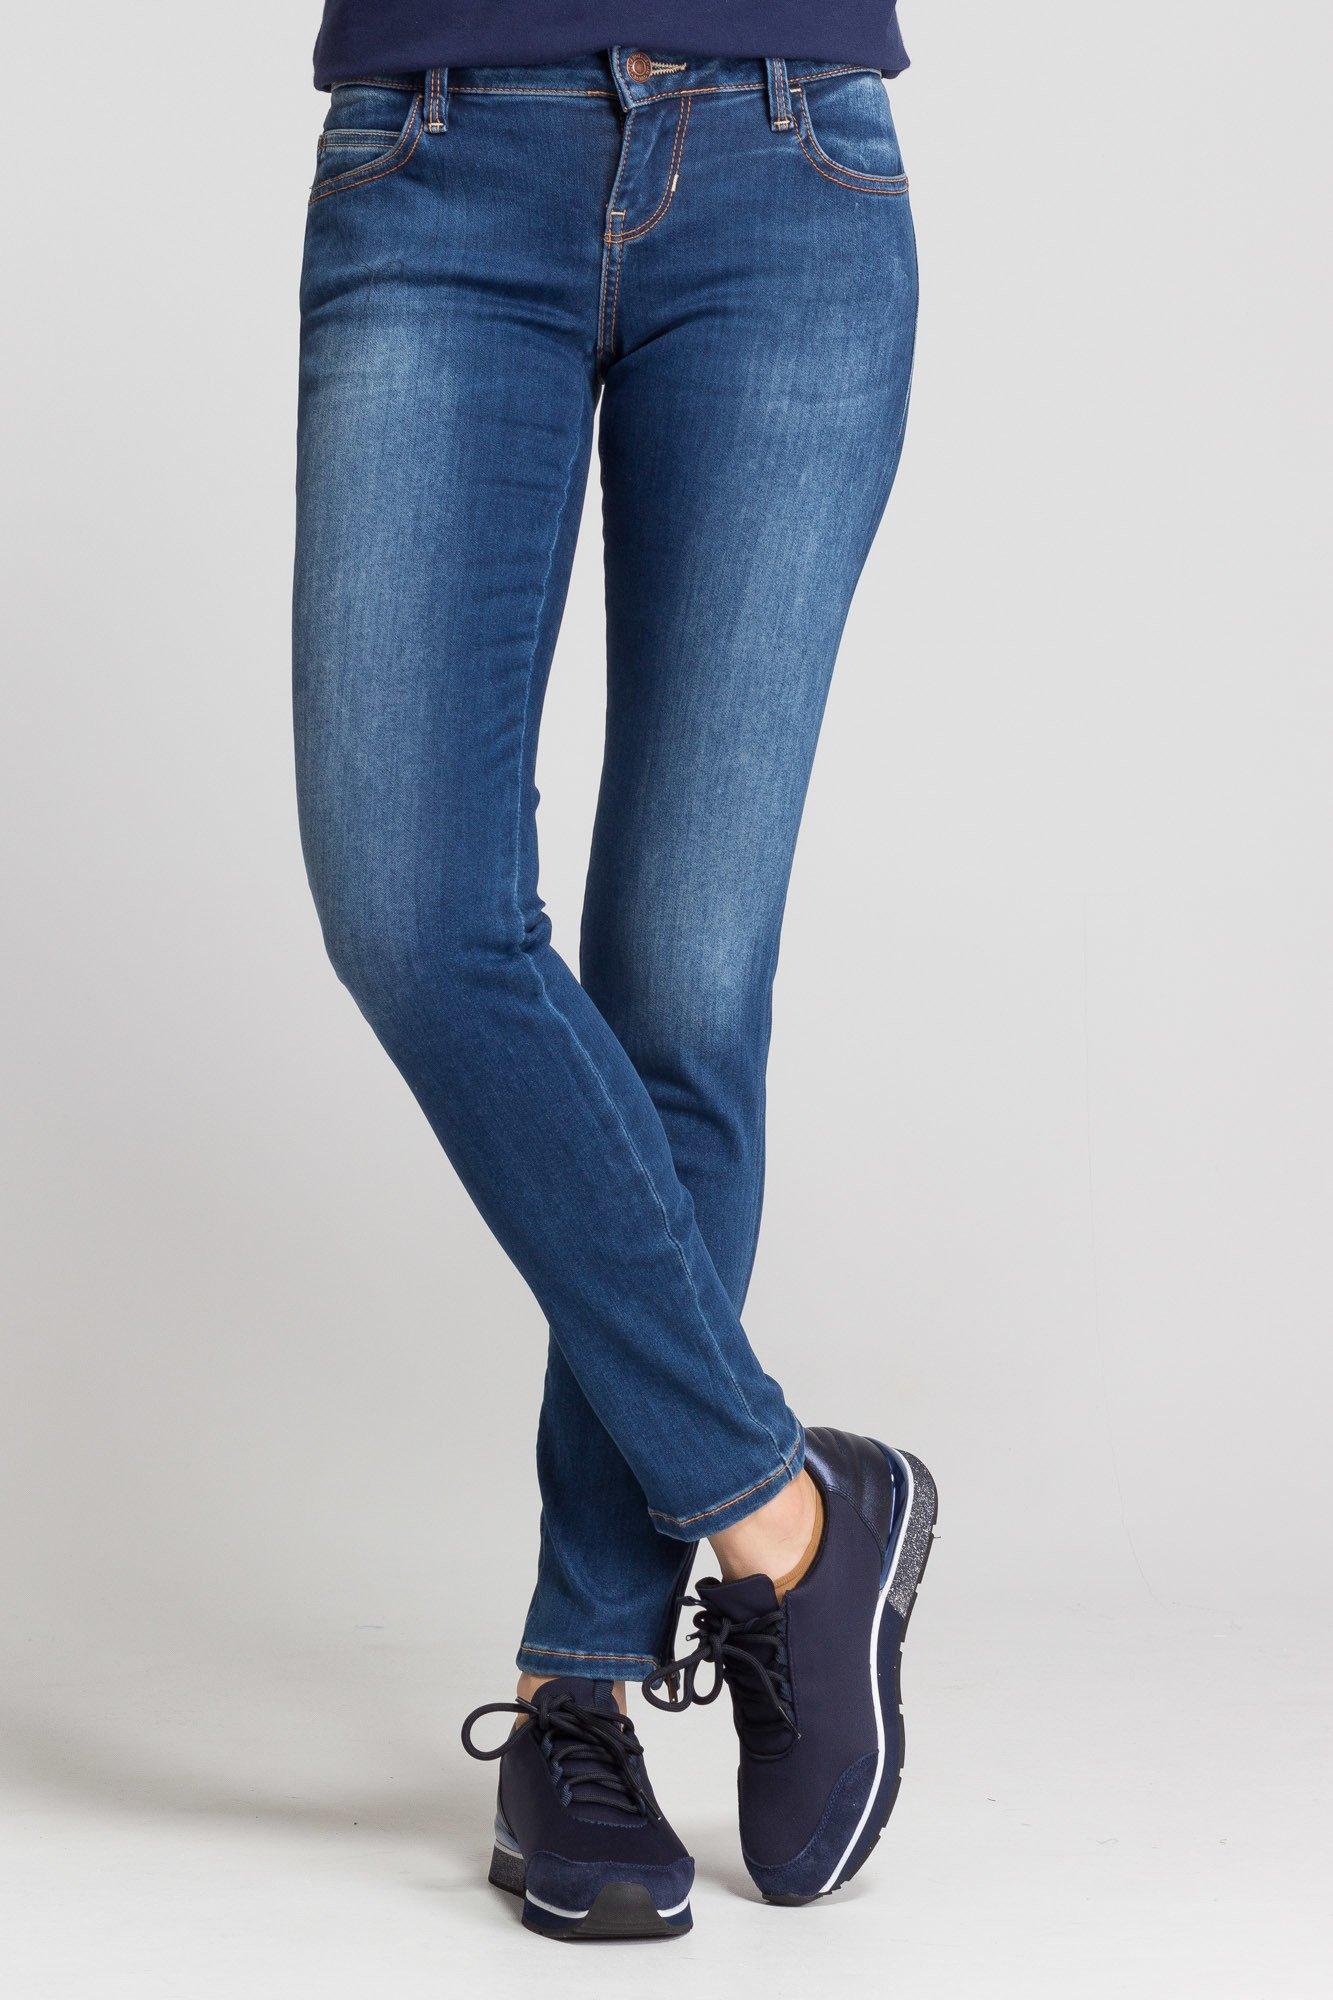 b1c2e9fa2fafec Niebieskie jeansy Marilyn 3 Zip Skinny Low | Markowa odzież w ...